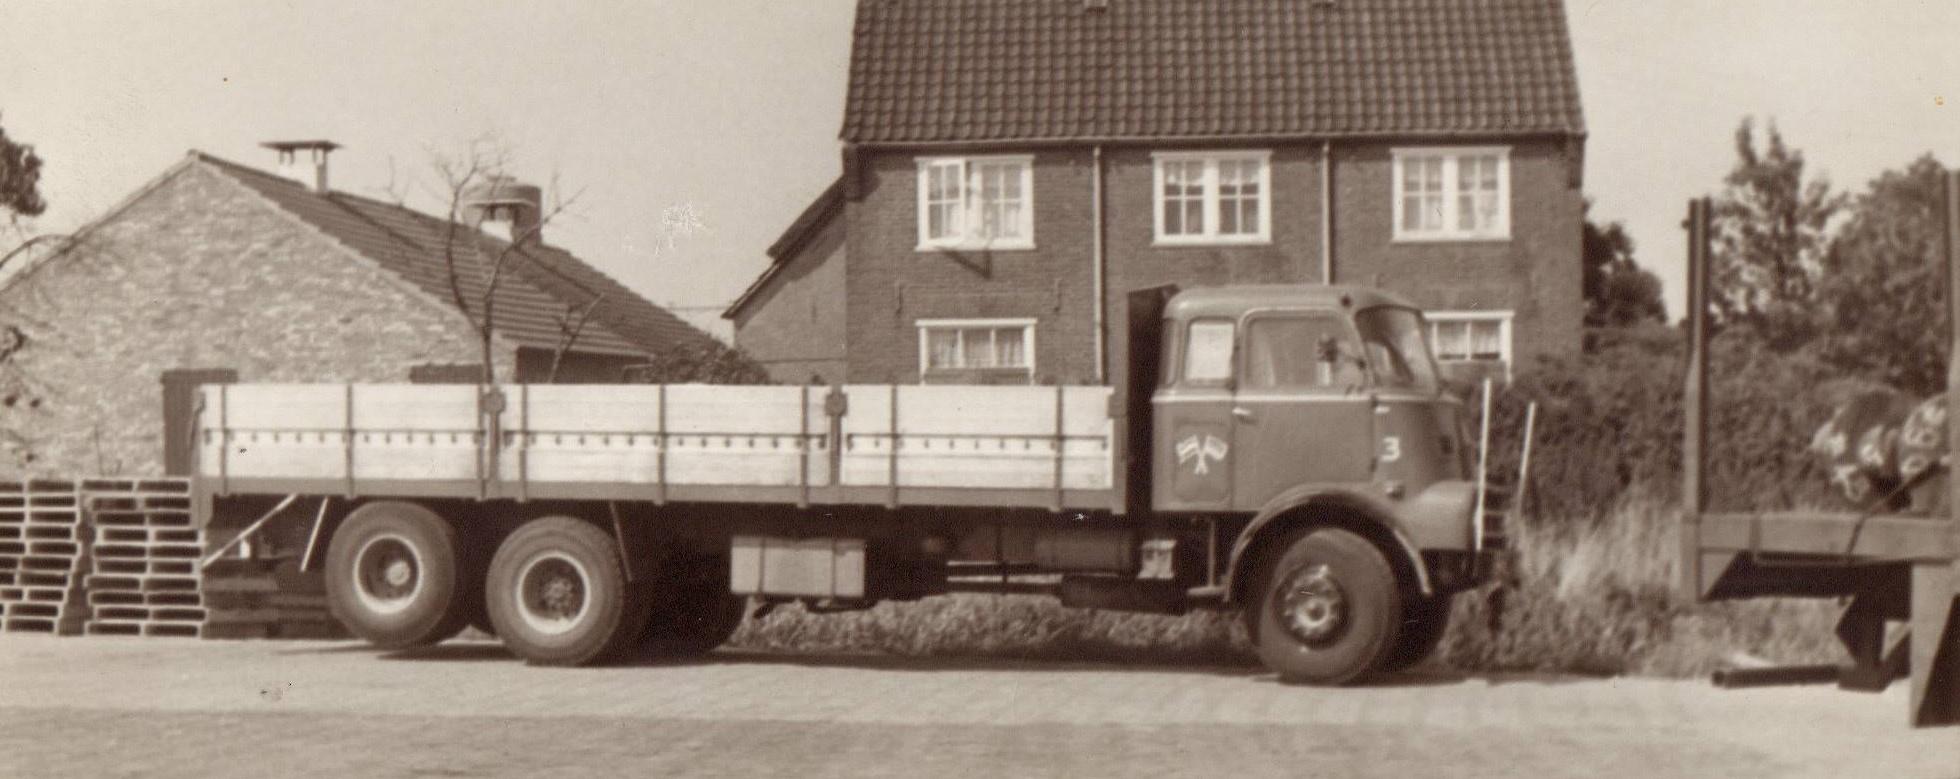 Wim-Van-de-Kamp-foto-archief--10